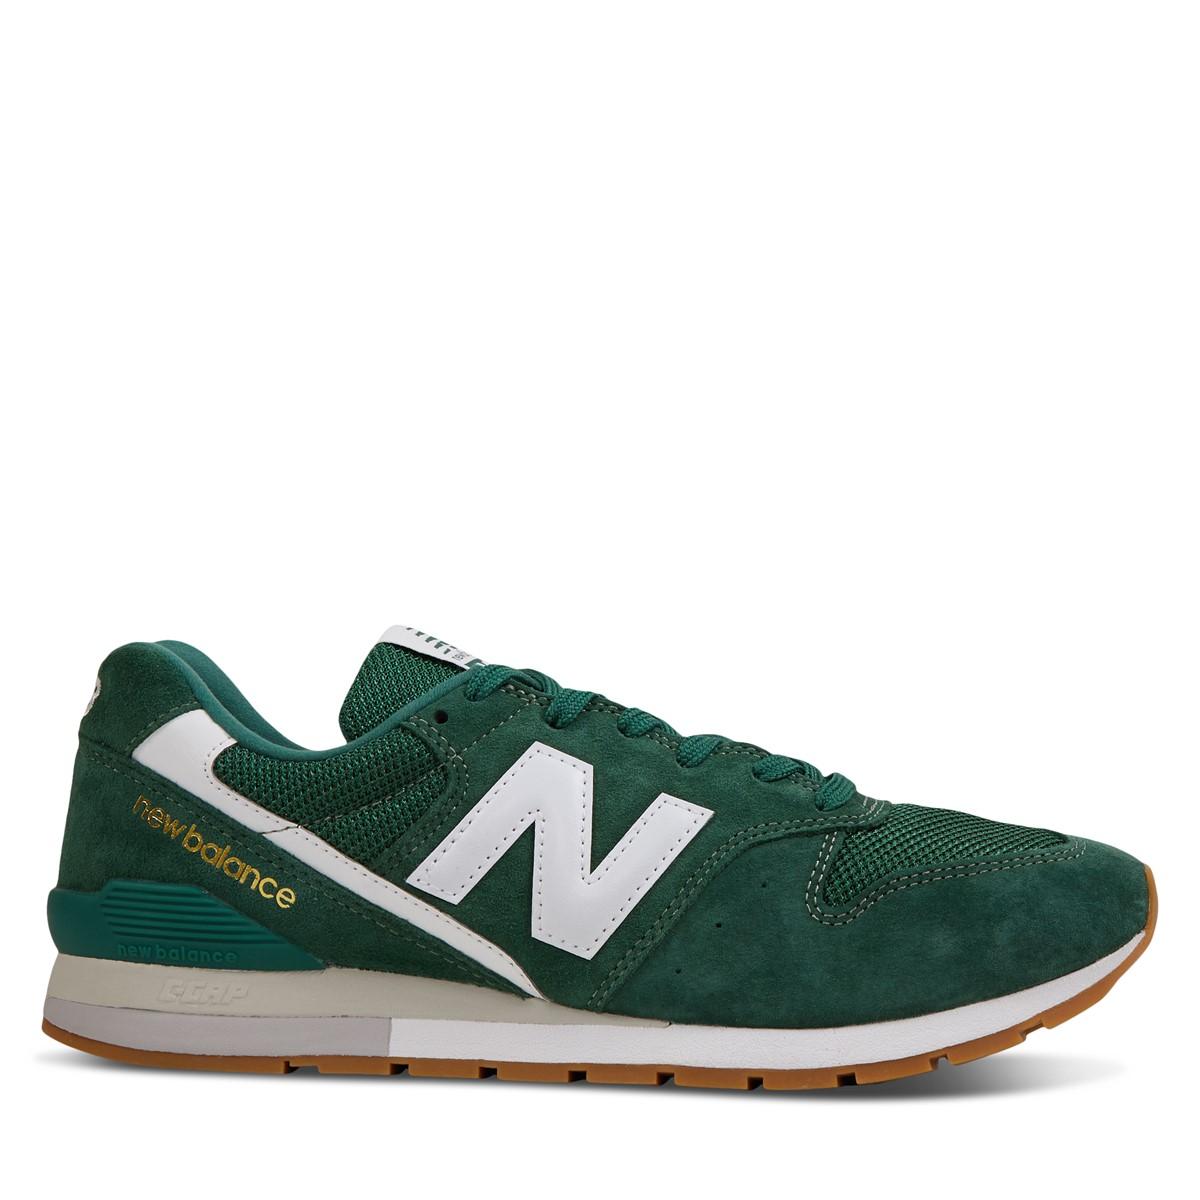 Men's 996 Sneakers in Green